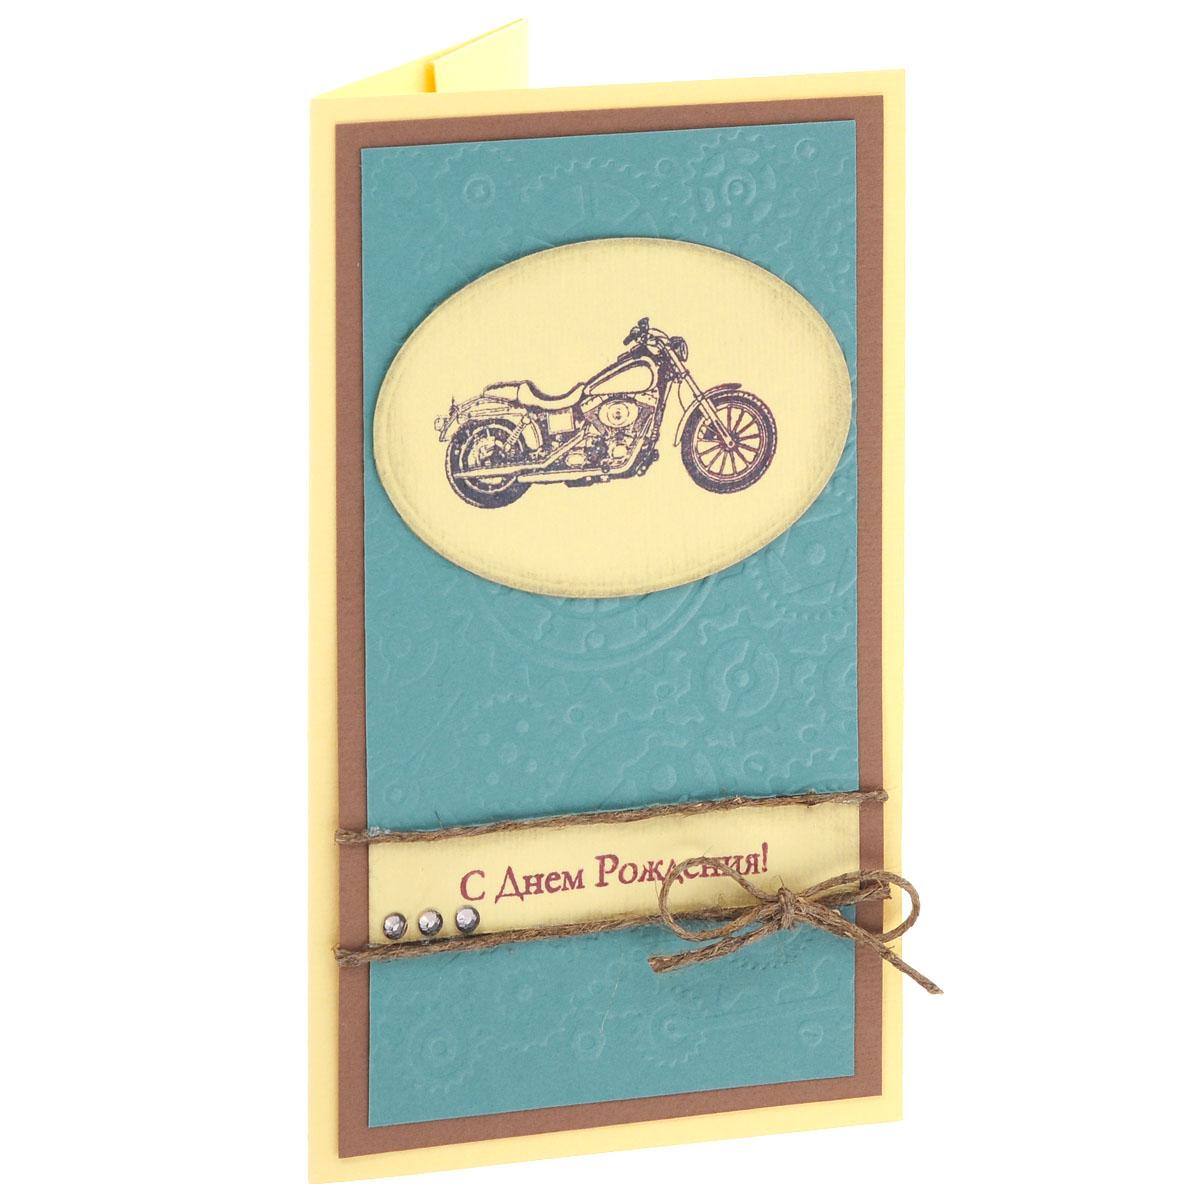 ОМ-0005 Открытка-конверт «С Днём Рождения!» (мотоцикл, св. желтая с бирюзовым фоном). Студия «Тётя Роза»798582Характеристики: Размер 19 см x 11 см.Материал: Высоко-художественный картон, бумага, декор. Данная открытка может стать как прекрасным дополнением к вашему подарку, так и самостоятельным подарком. Так как открытка является и конвертом, в который вы можете вложить ваш денежный подарок или просто написать ваши пожелания на вкладыше. Сдержанная и немногословная открытка, как настоящий мужской характер. Неброская по цветовой гамме, но очень выразительная по дизайнерской идее, с легким налетом винтажа. Также открытка упакована в пакетик для сохранности.Обращаем Ваше внимание на то, что открытка может незначительно отличаться от представленной на фото.Открытки ручной работы от студии Тётя Роза отличаются своим неповторимым и ярким стилем. Каждая уникальна и выполнена вручную мастерами студии. (Открытка для мужчин, открытка для женщины, открытка на день рождения, открытка с днем свадьбы, открытка винтаж, открытка с юбилеем, открытка на все случаи, скрапбукинг)